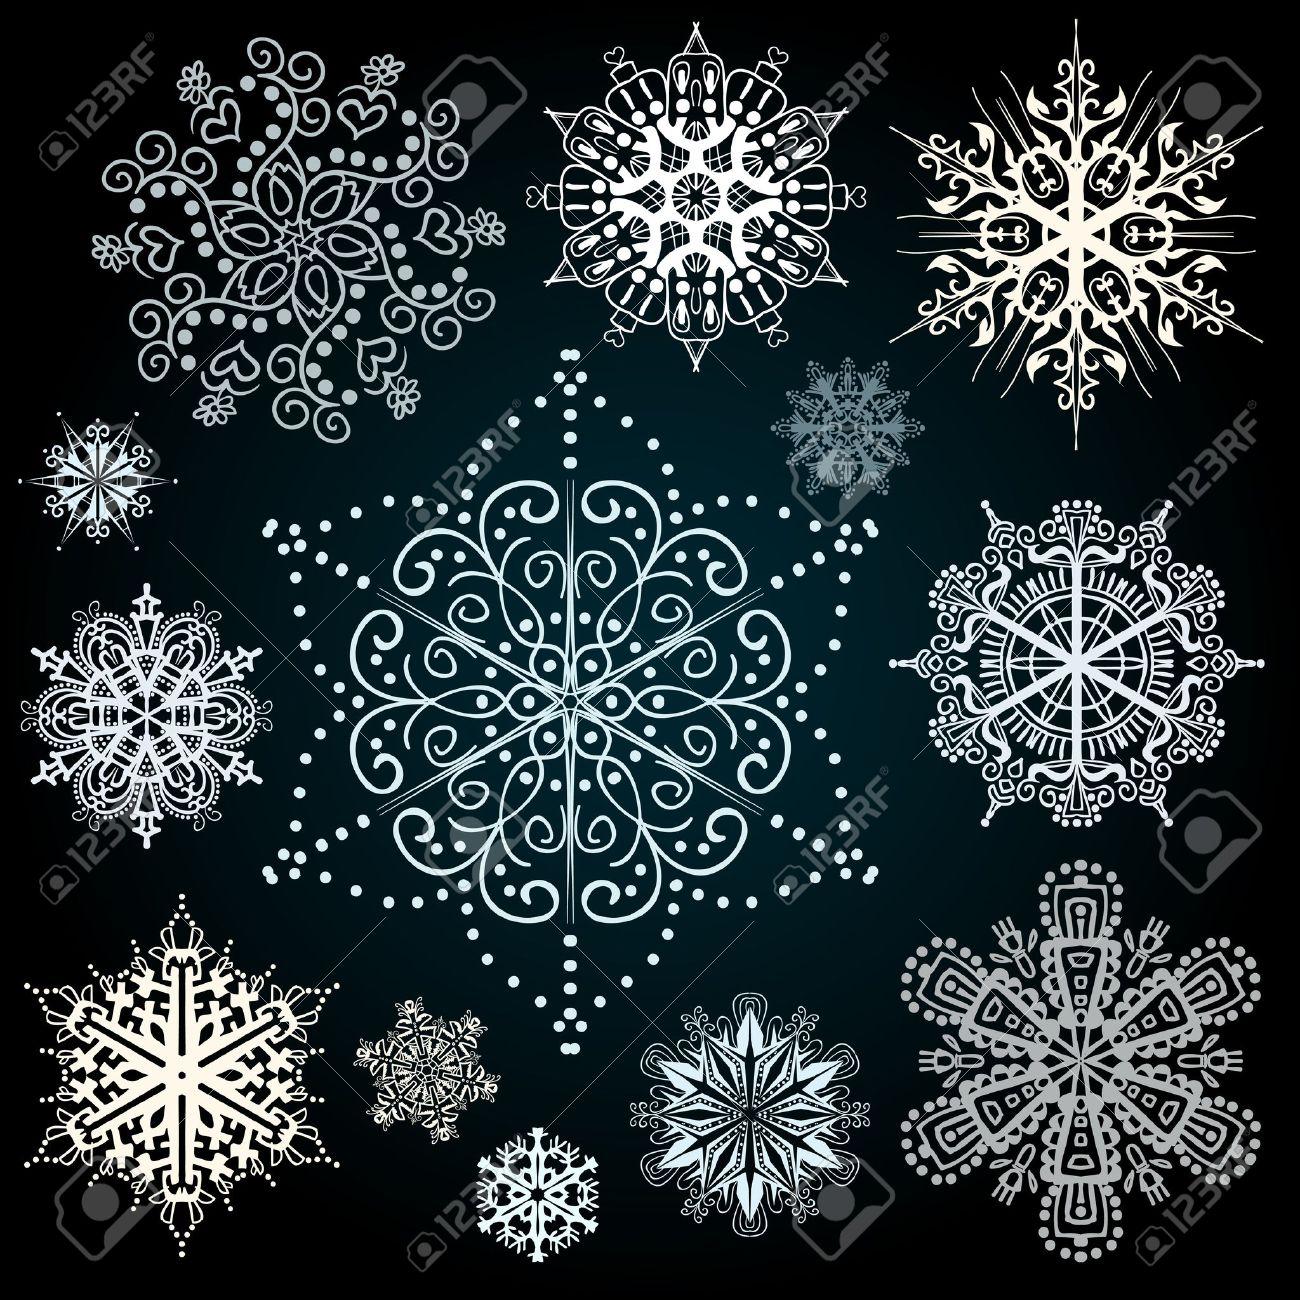 Christmas snowflakes vector art design Stock Vector - 11204922